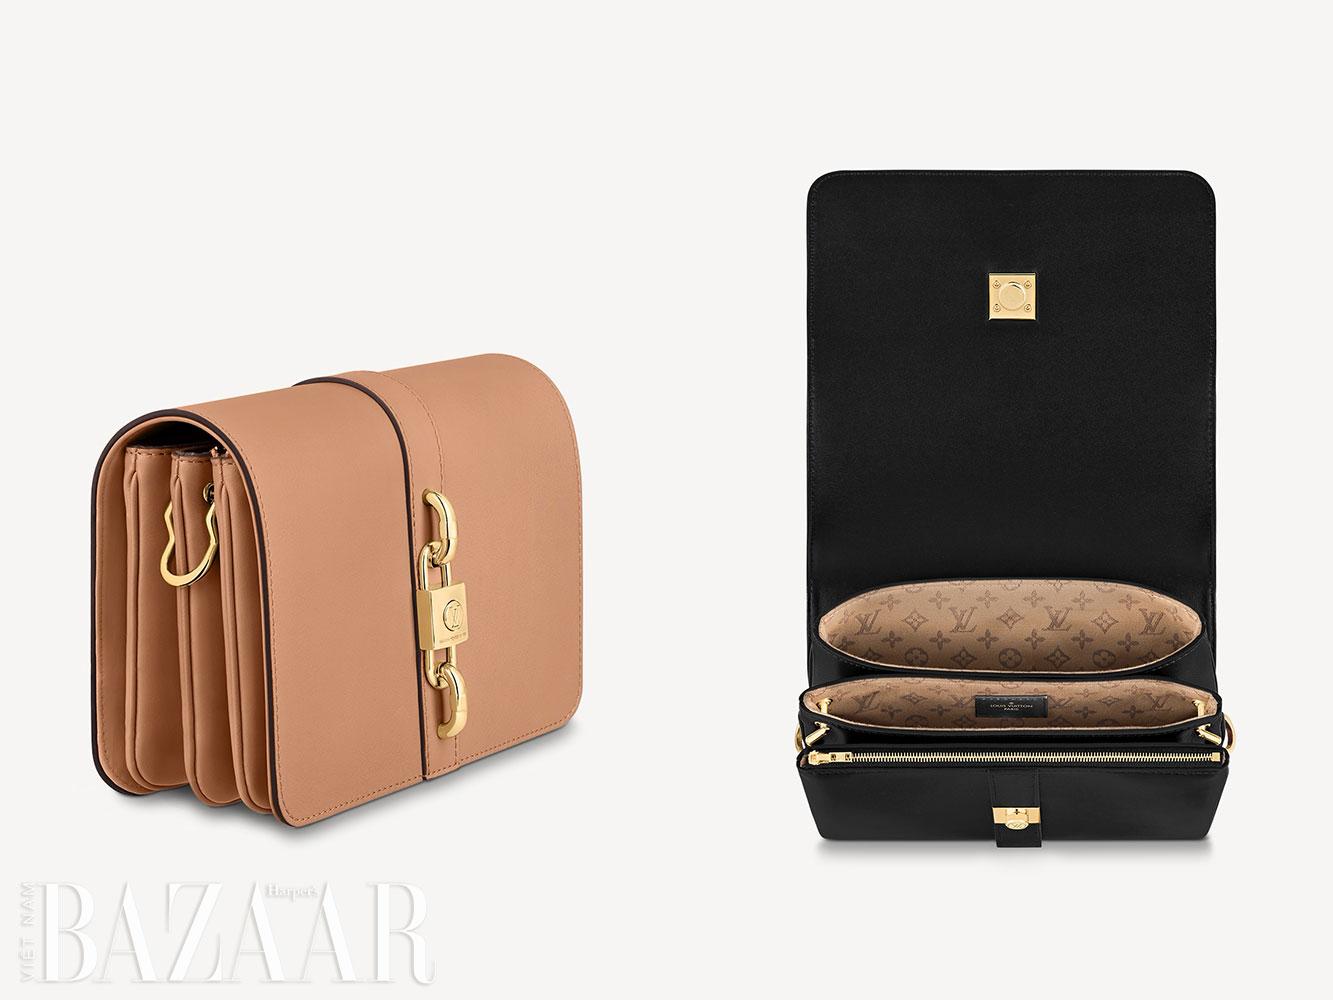 Chi tiết bên trong và từ bên hông của mẫu túi Louis Vuitton Rendez-Vous.